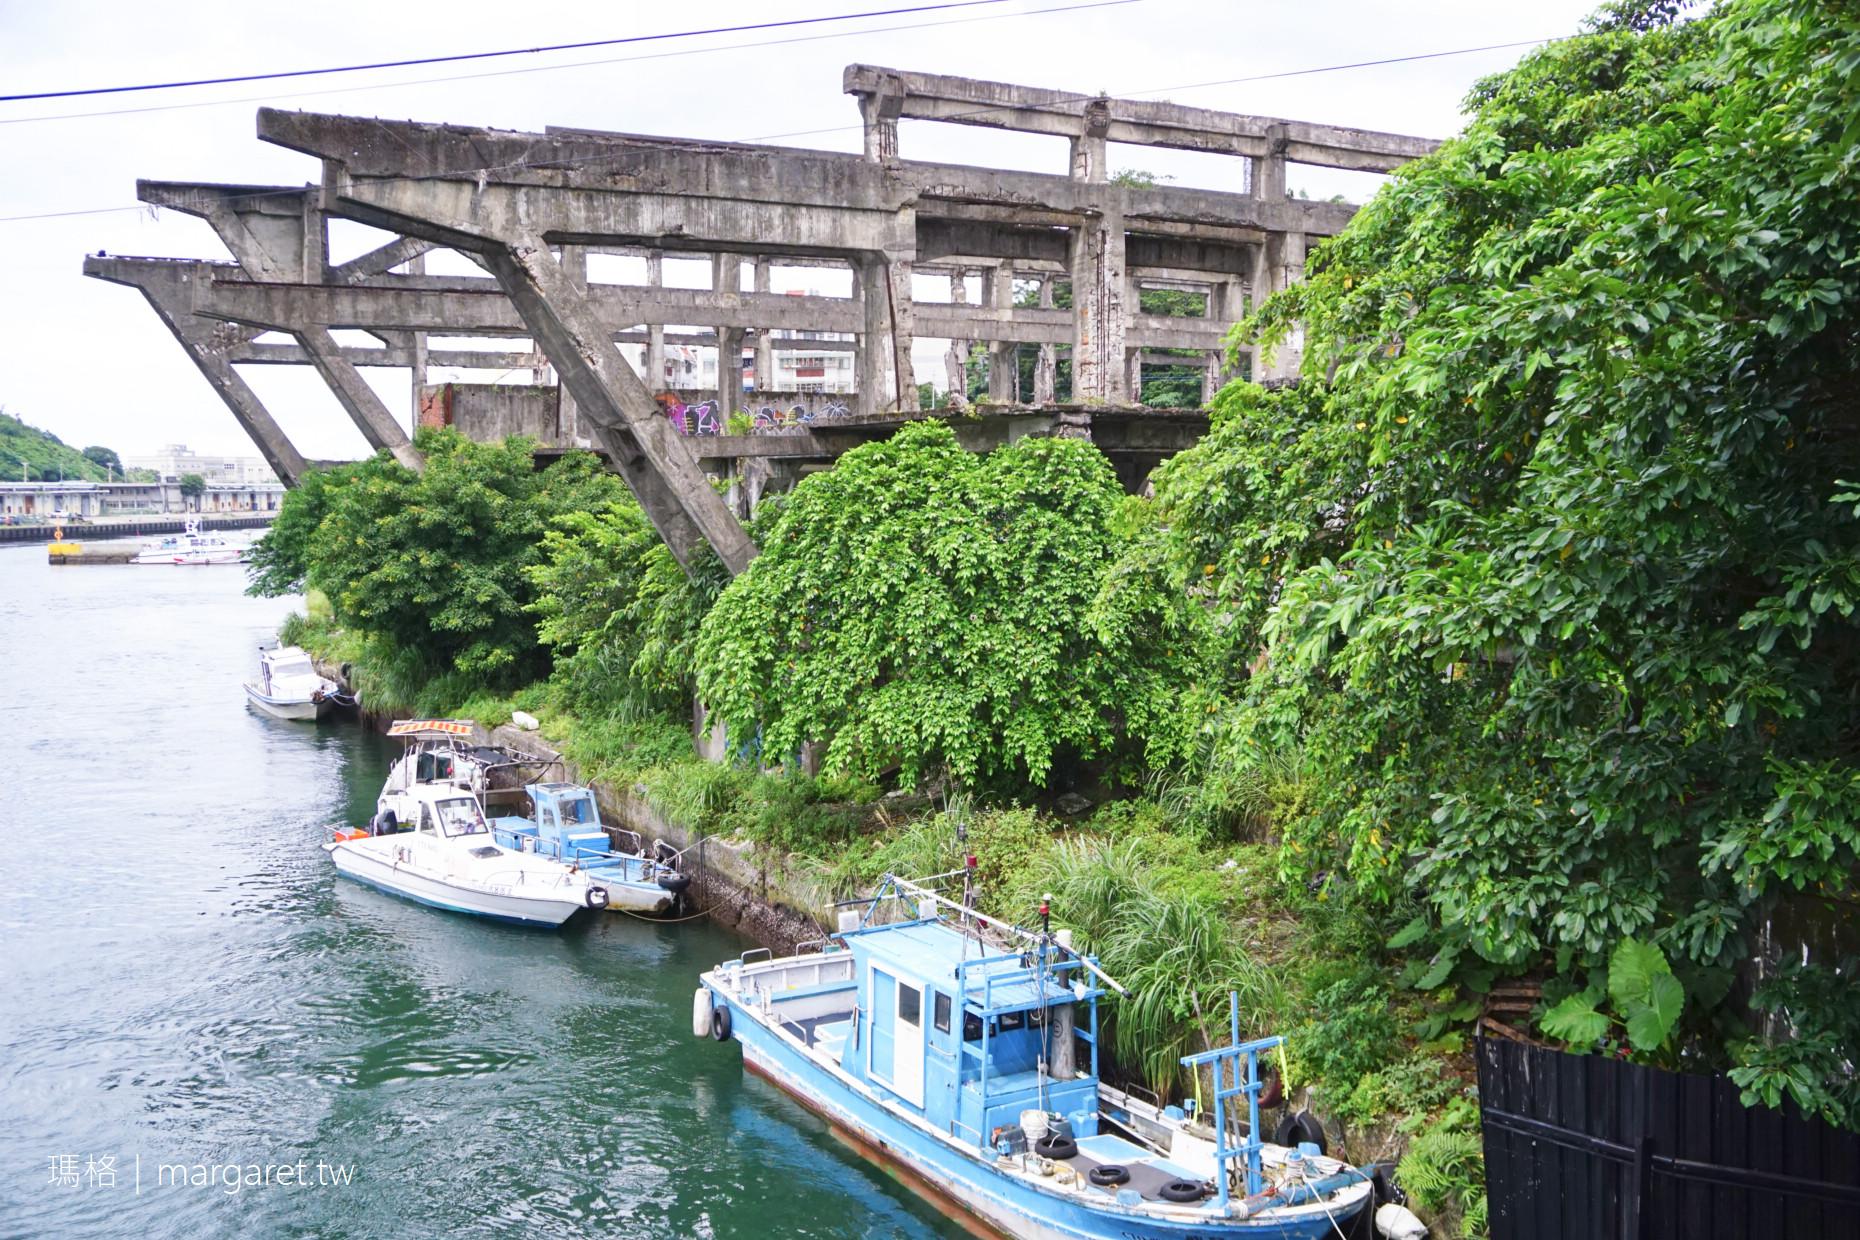 阿根納造船廠。基隆漁港廢墟變身網紅拍照聖地|一定要注意安全